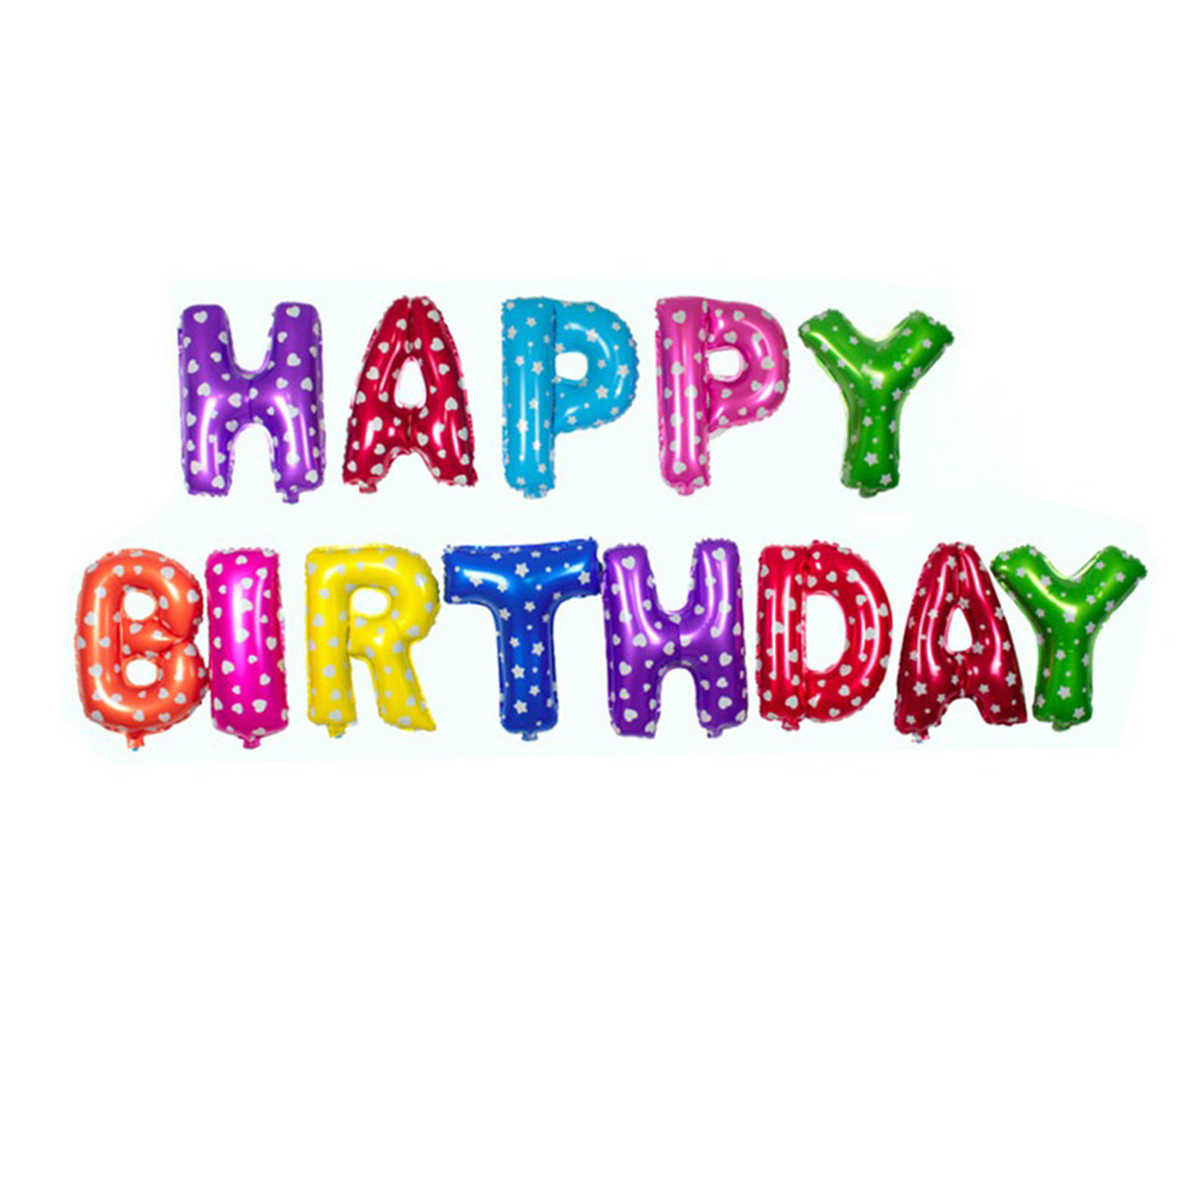 16 polegada Letras FELIZES Balões Folha De ANIVERSÁRIO Feliz Aniversário DIY Fontes Do Chuveiro de Bebê Decoração Do Partido Dos Miúdos Do Alfabeto Balões de Ar